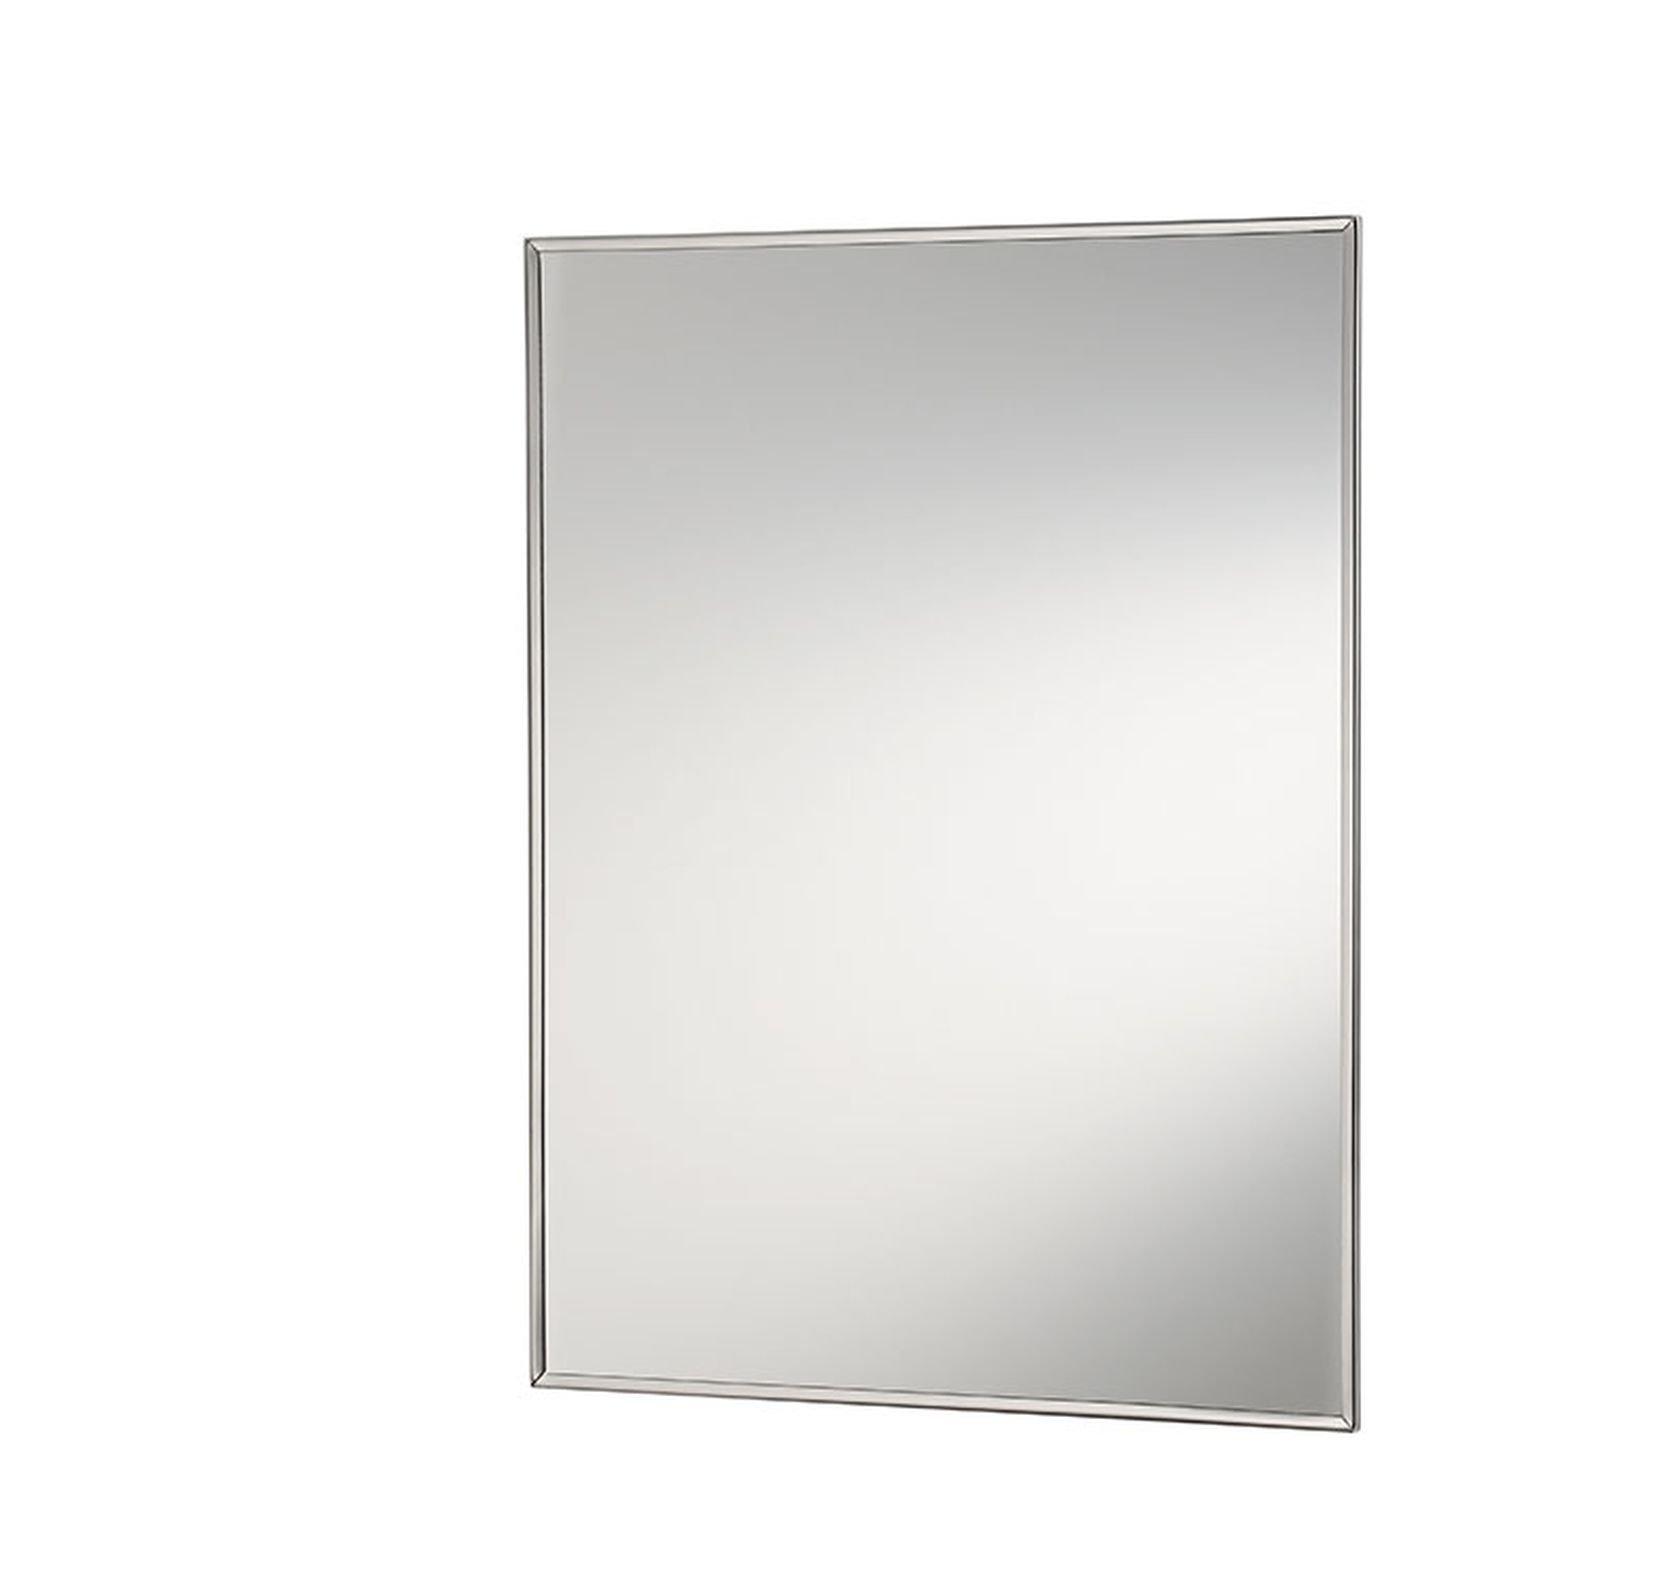 Jensen 407ADJX Stainless Steel Frame Medicine Cabinet, 16'' x 22'' by Jensen